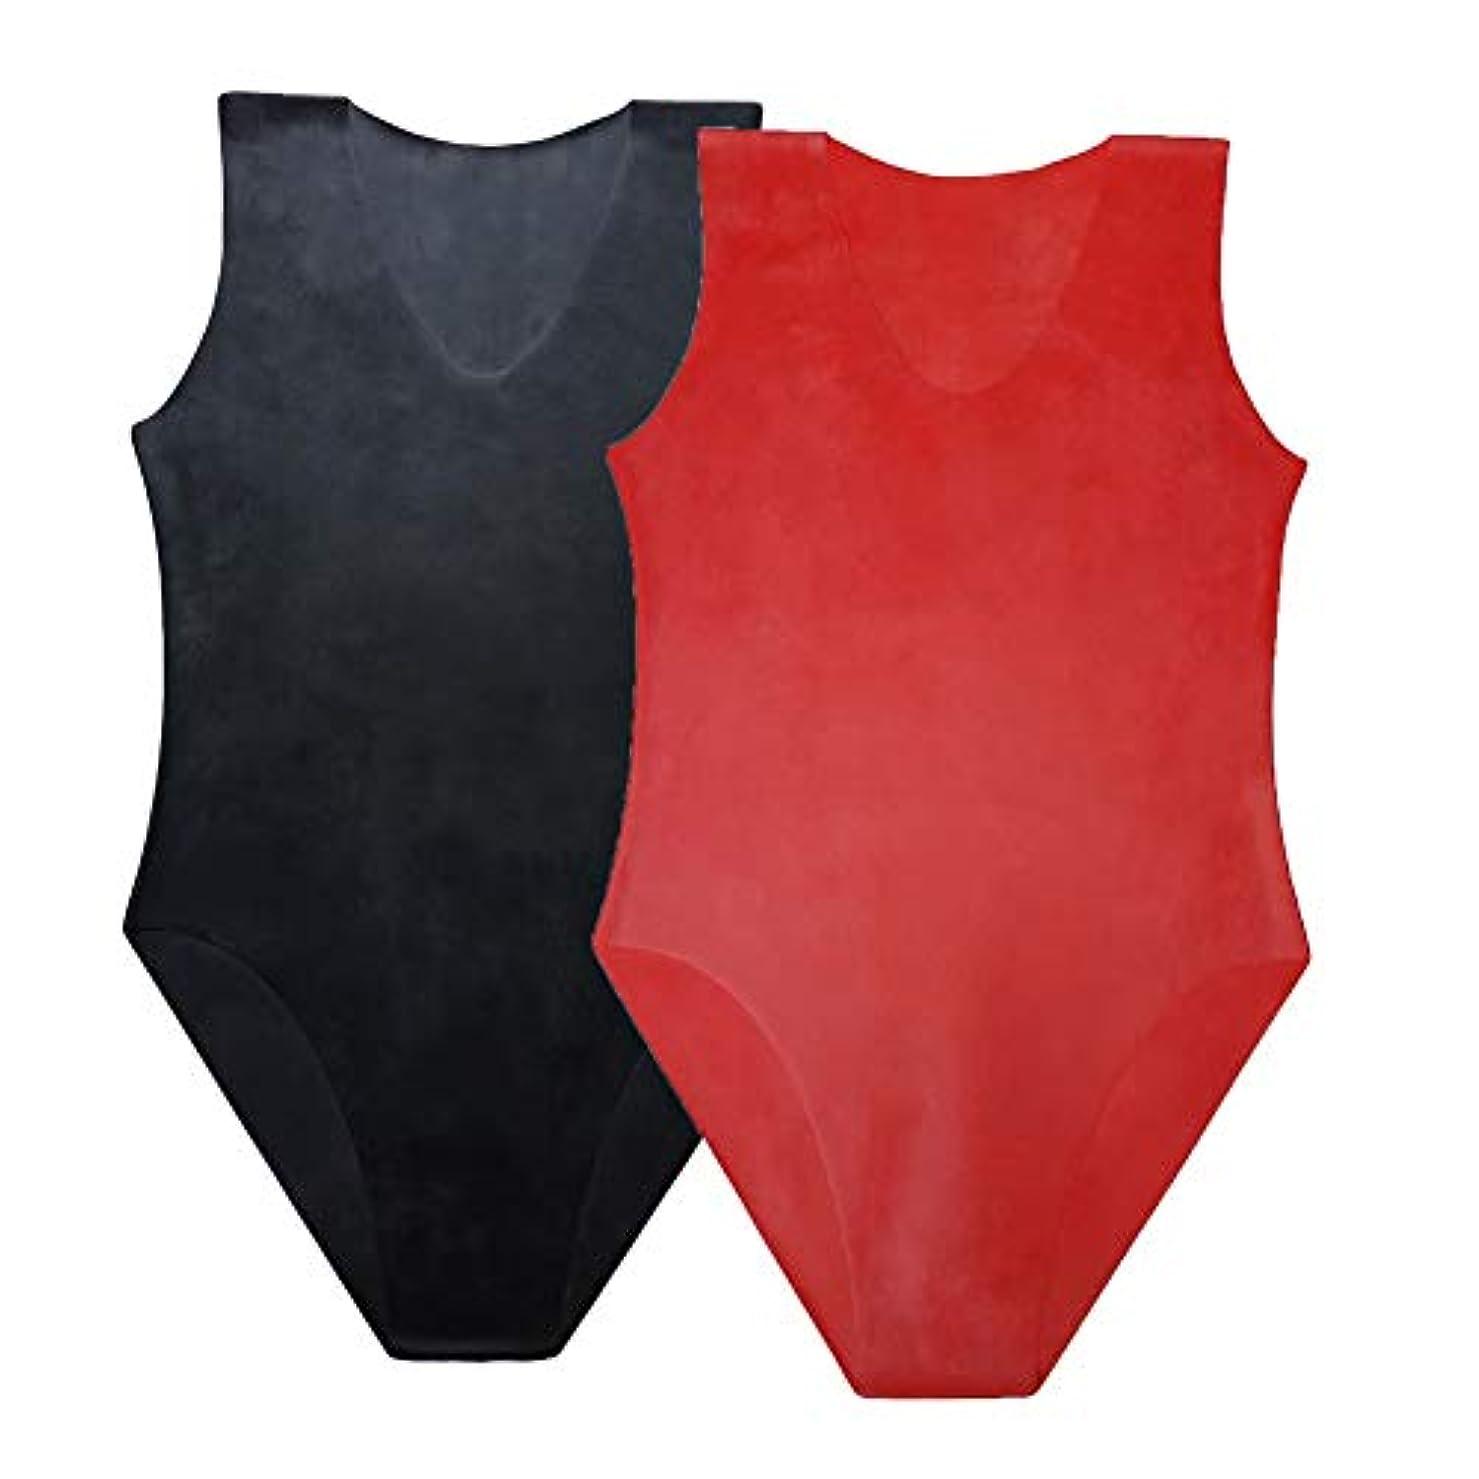 ボア月協力的EXLATEX ラテックス ボディスーツ 女性水着 ラテックス ラバー グミ レオタード ブラック ラテックス キャットスーツ